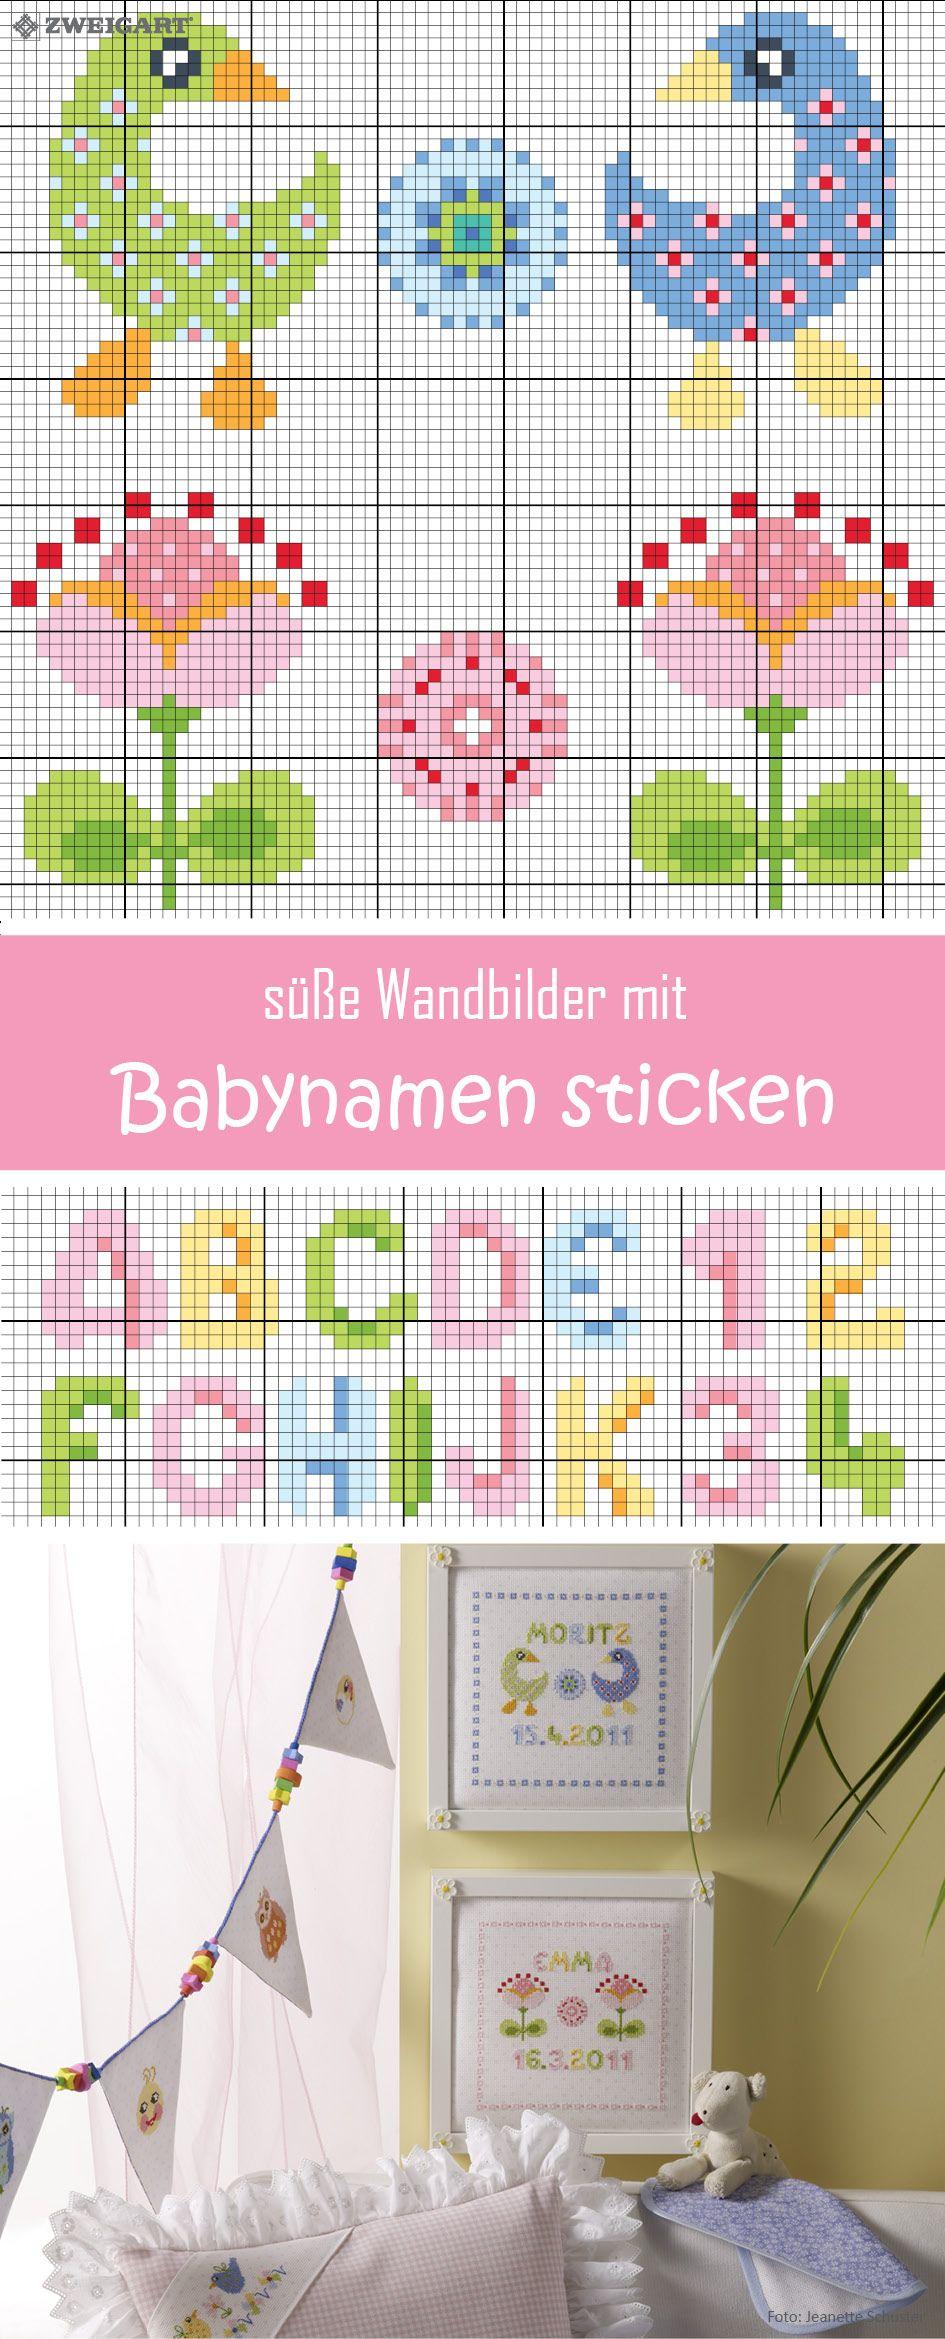 Bevorzugt Süße Wandbilder mit Baby-Motiven sticken - Entdecke zahlreiche OQ27